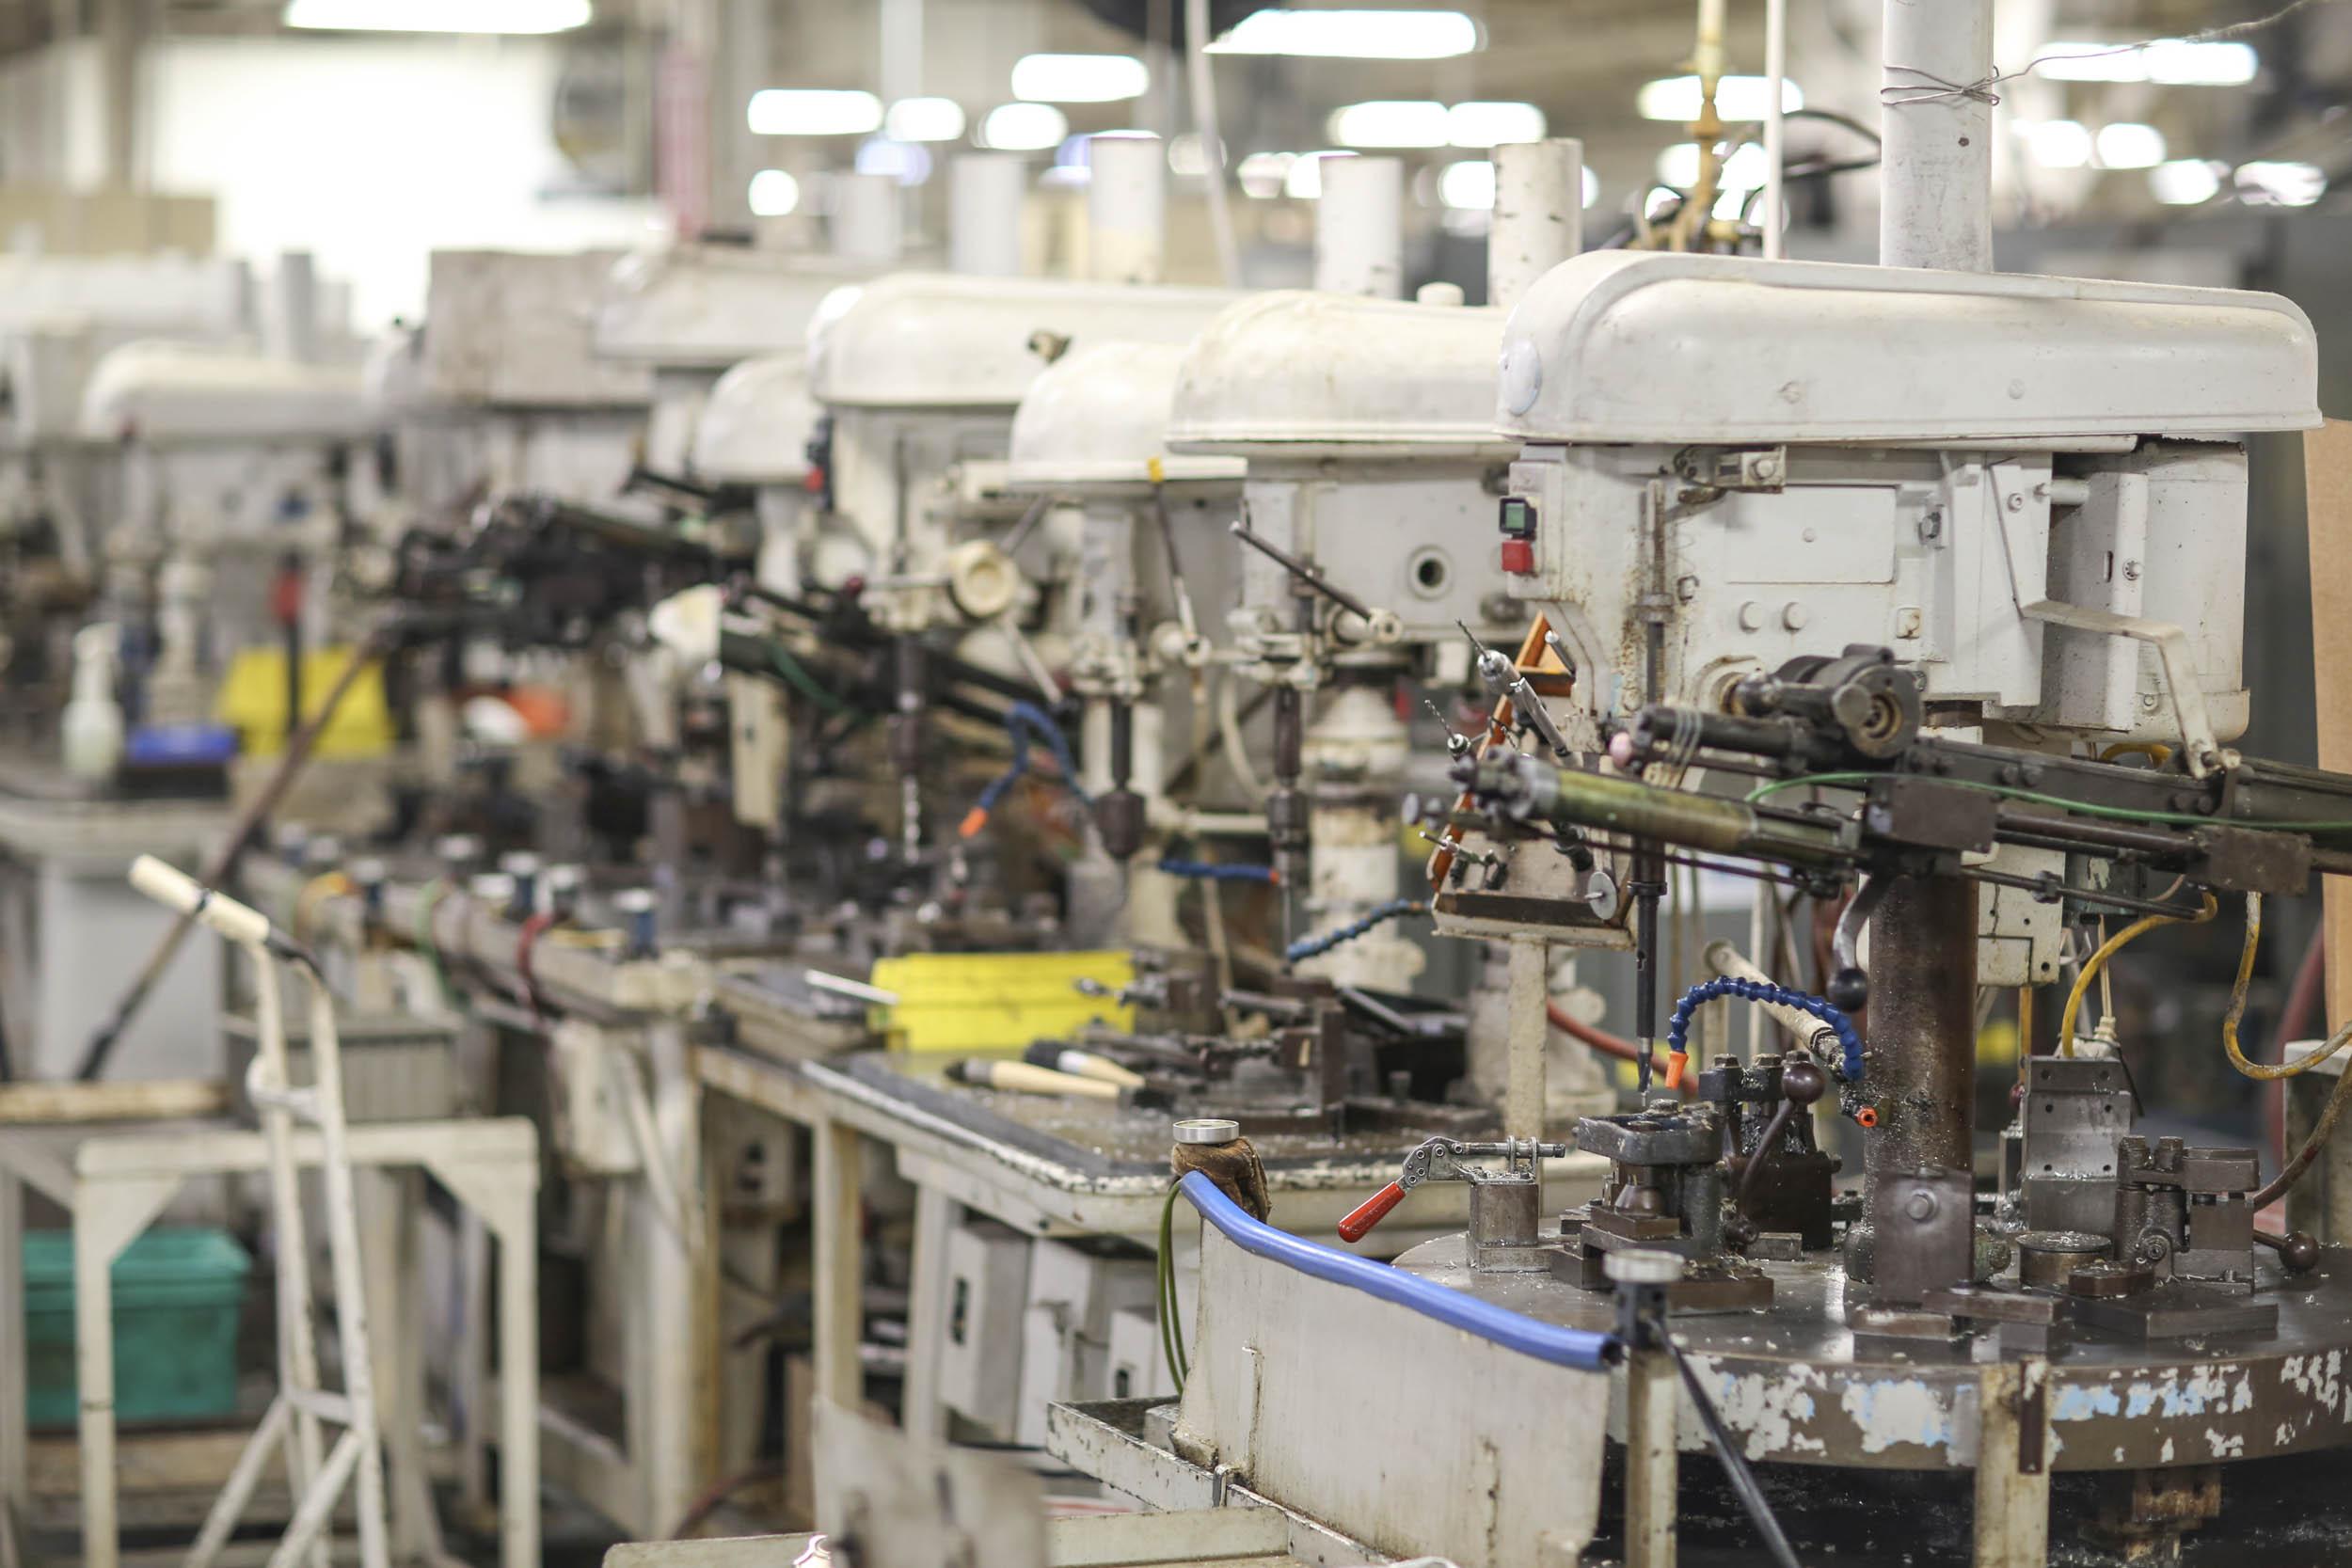 Holley carburetor assembly line